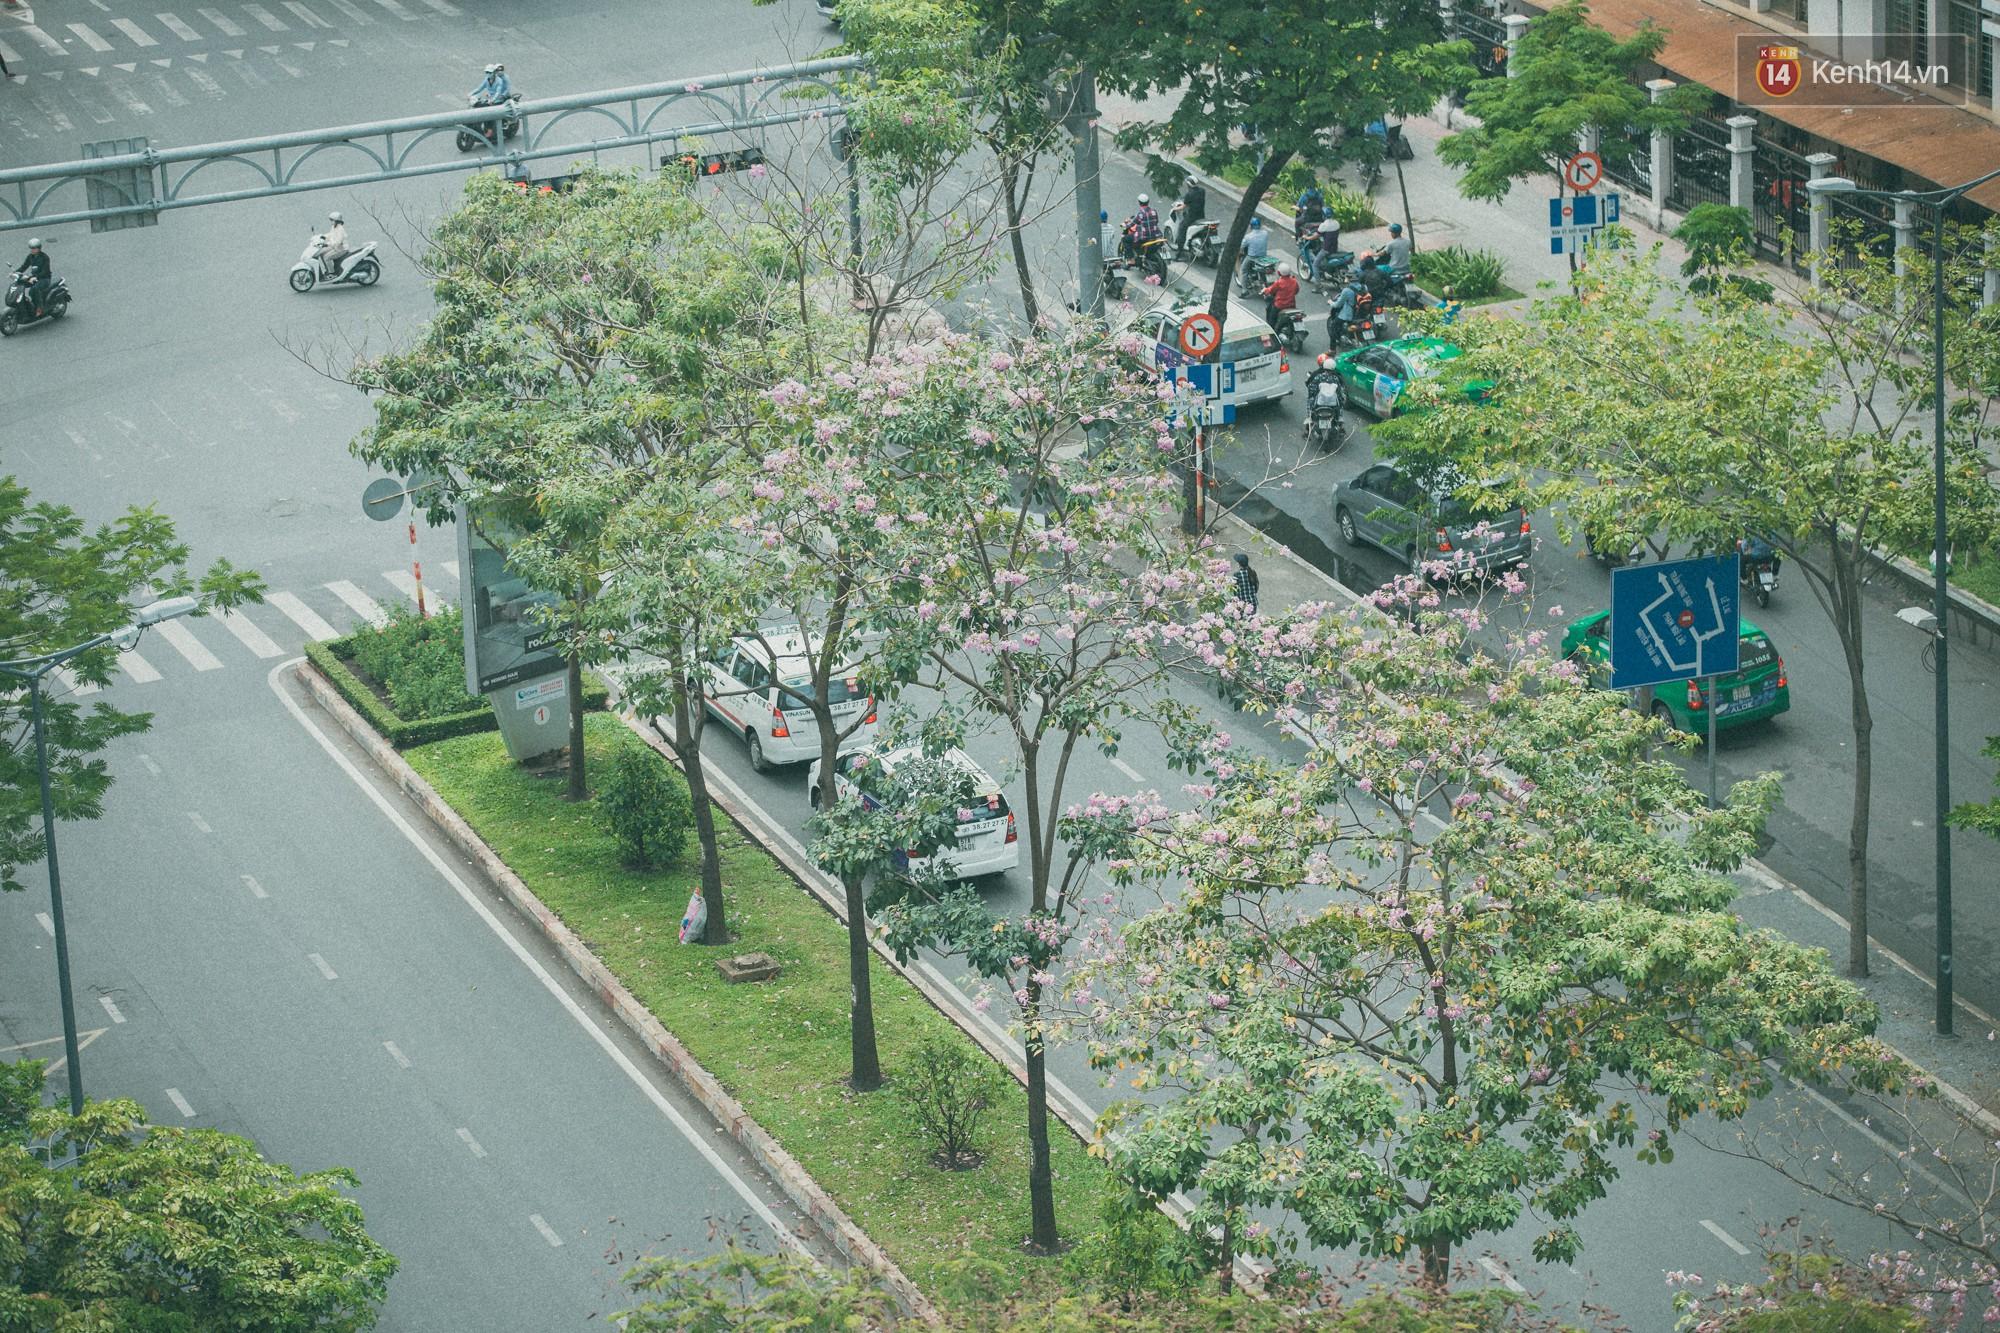 Sài Gòn mùa hoa kèn hồng: dịu dàng và dễ thương đến lạ! - Ảnh 2.